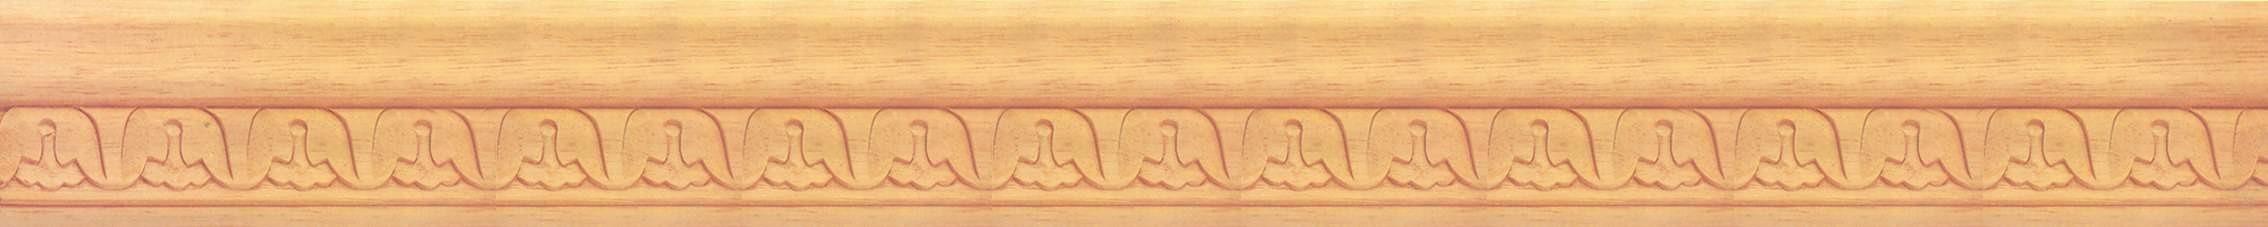 木线贴图素材的图片【650】